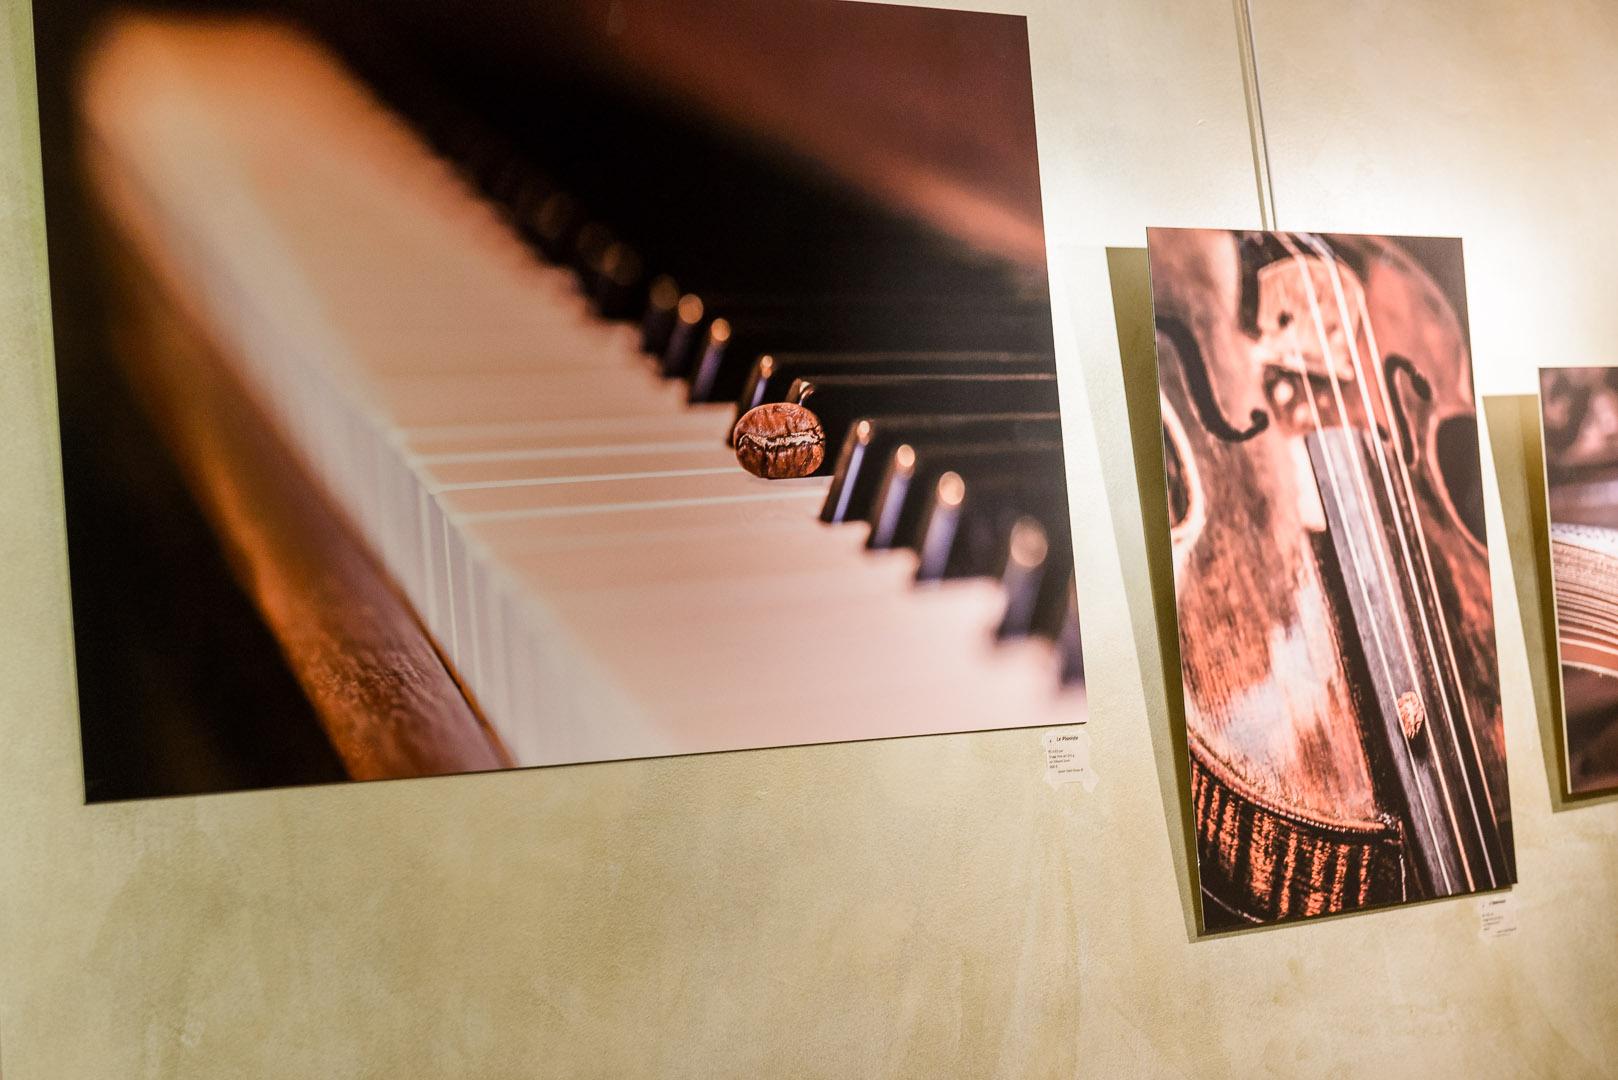 Le pianiste (gauche) et L'ébéniste (droite)